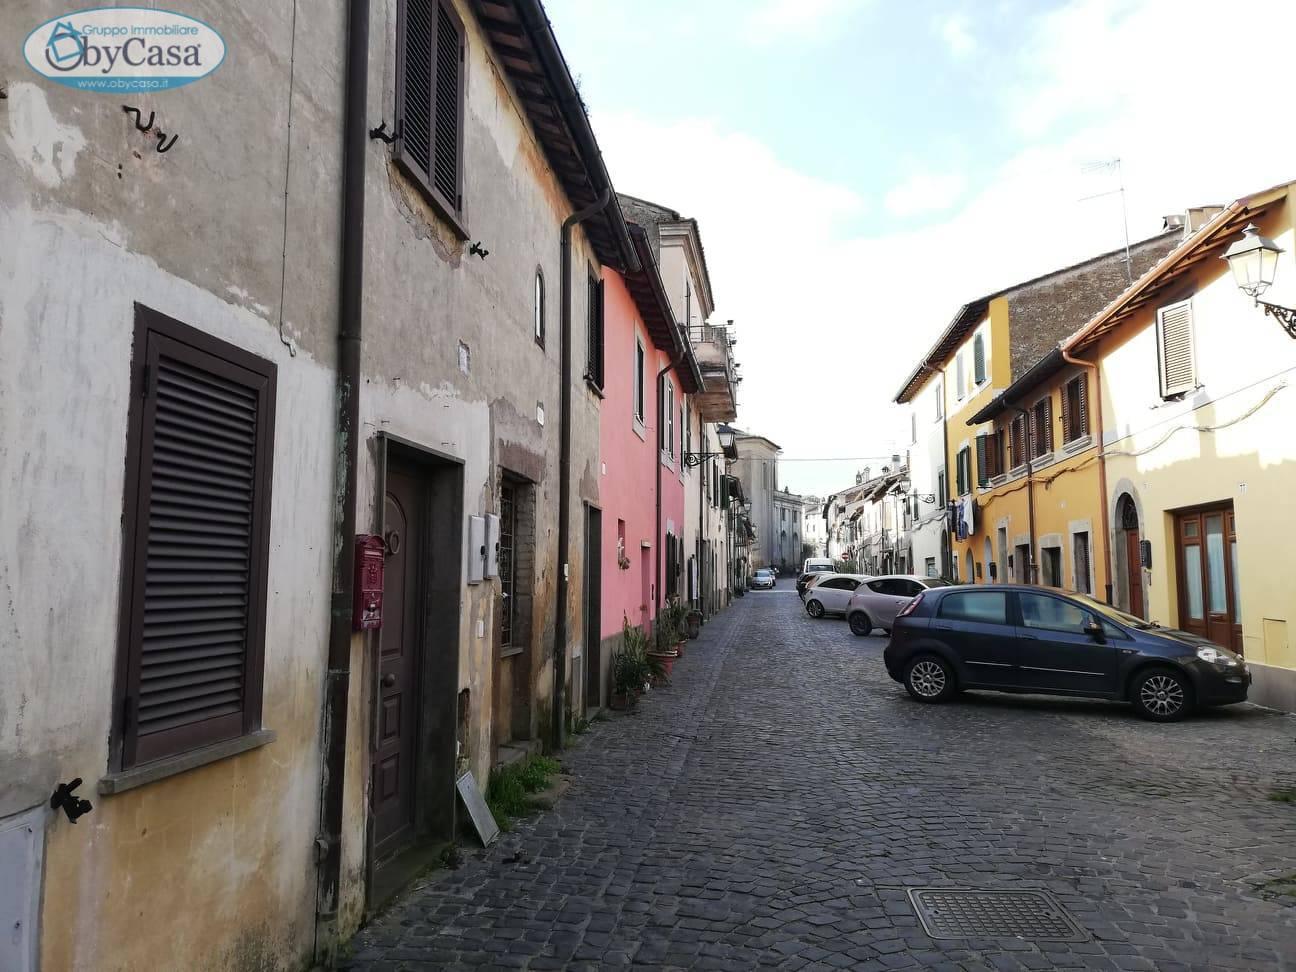 Appartamento in vendita a Oriolo Romano, 1 locali, prezzo € 49.000 | PortaleAgenzieImmobiliari.it